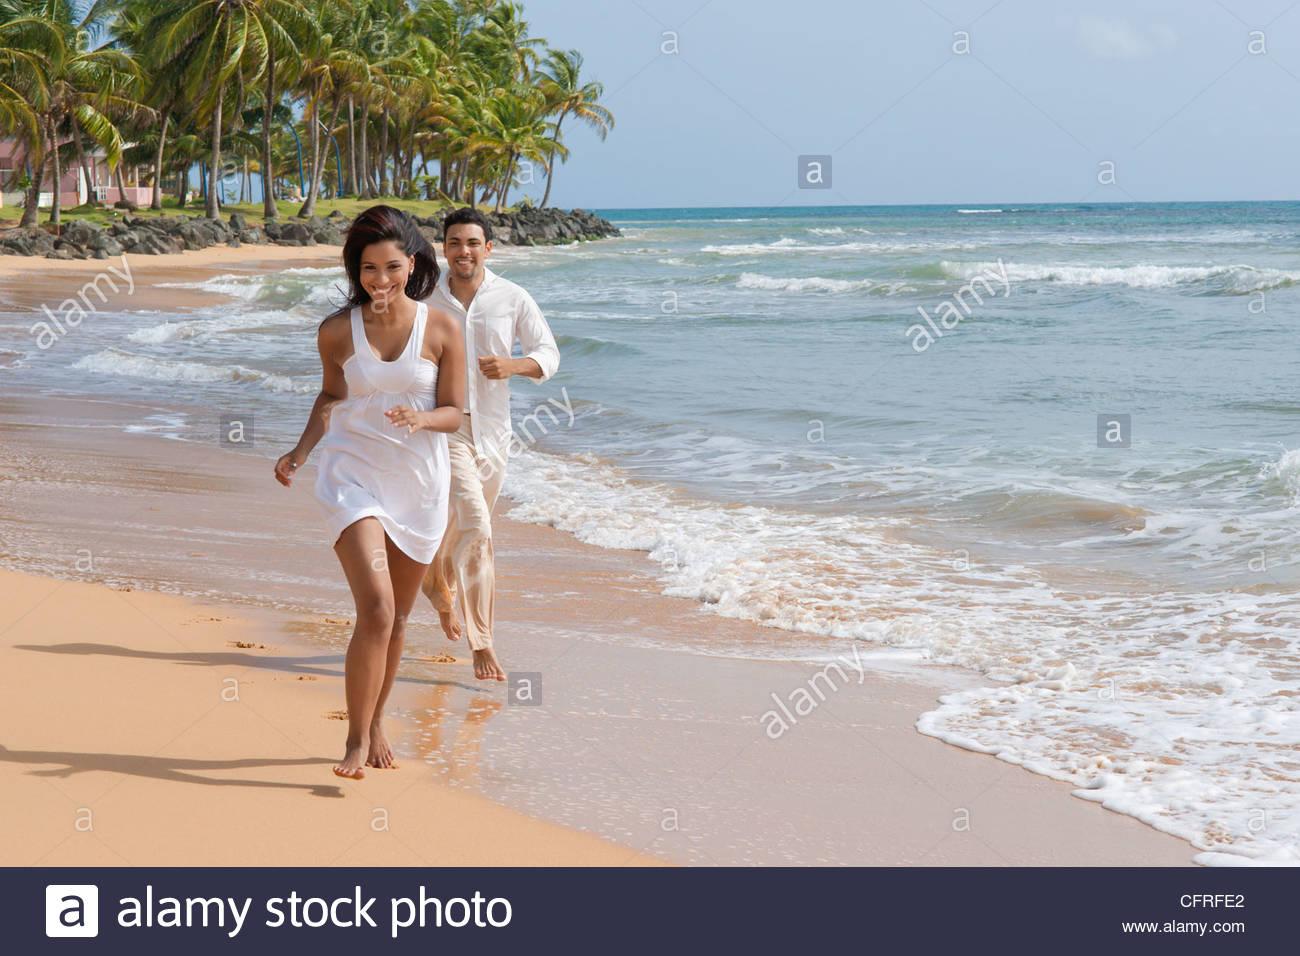 Coppia ispanica che corre lungo la riva della spiaggia LaPared, Luquillo, Puerto Rico, Stati Uniti d'America, Immagini Stock